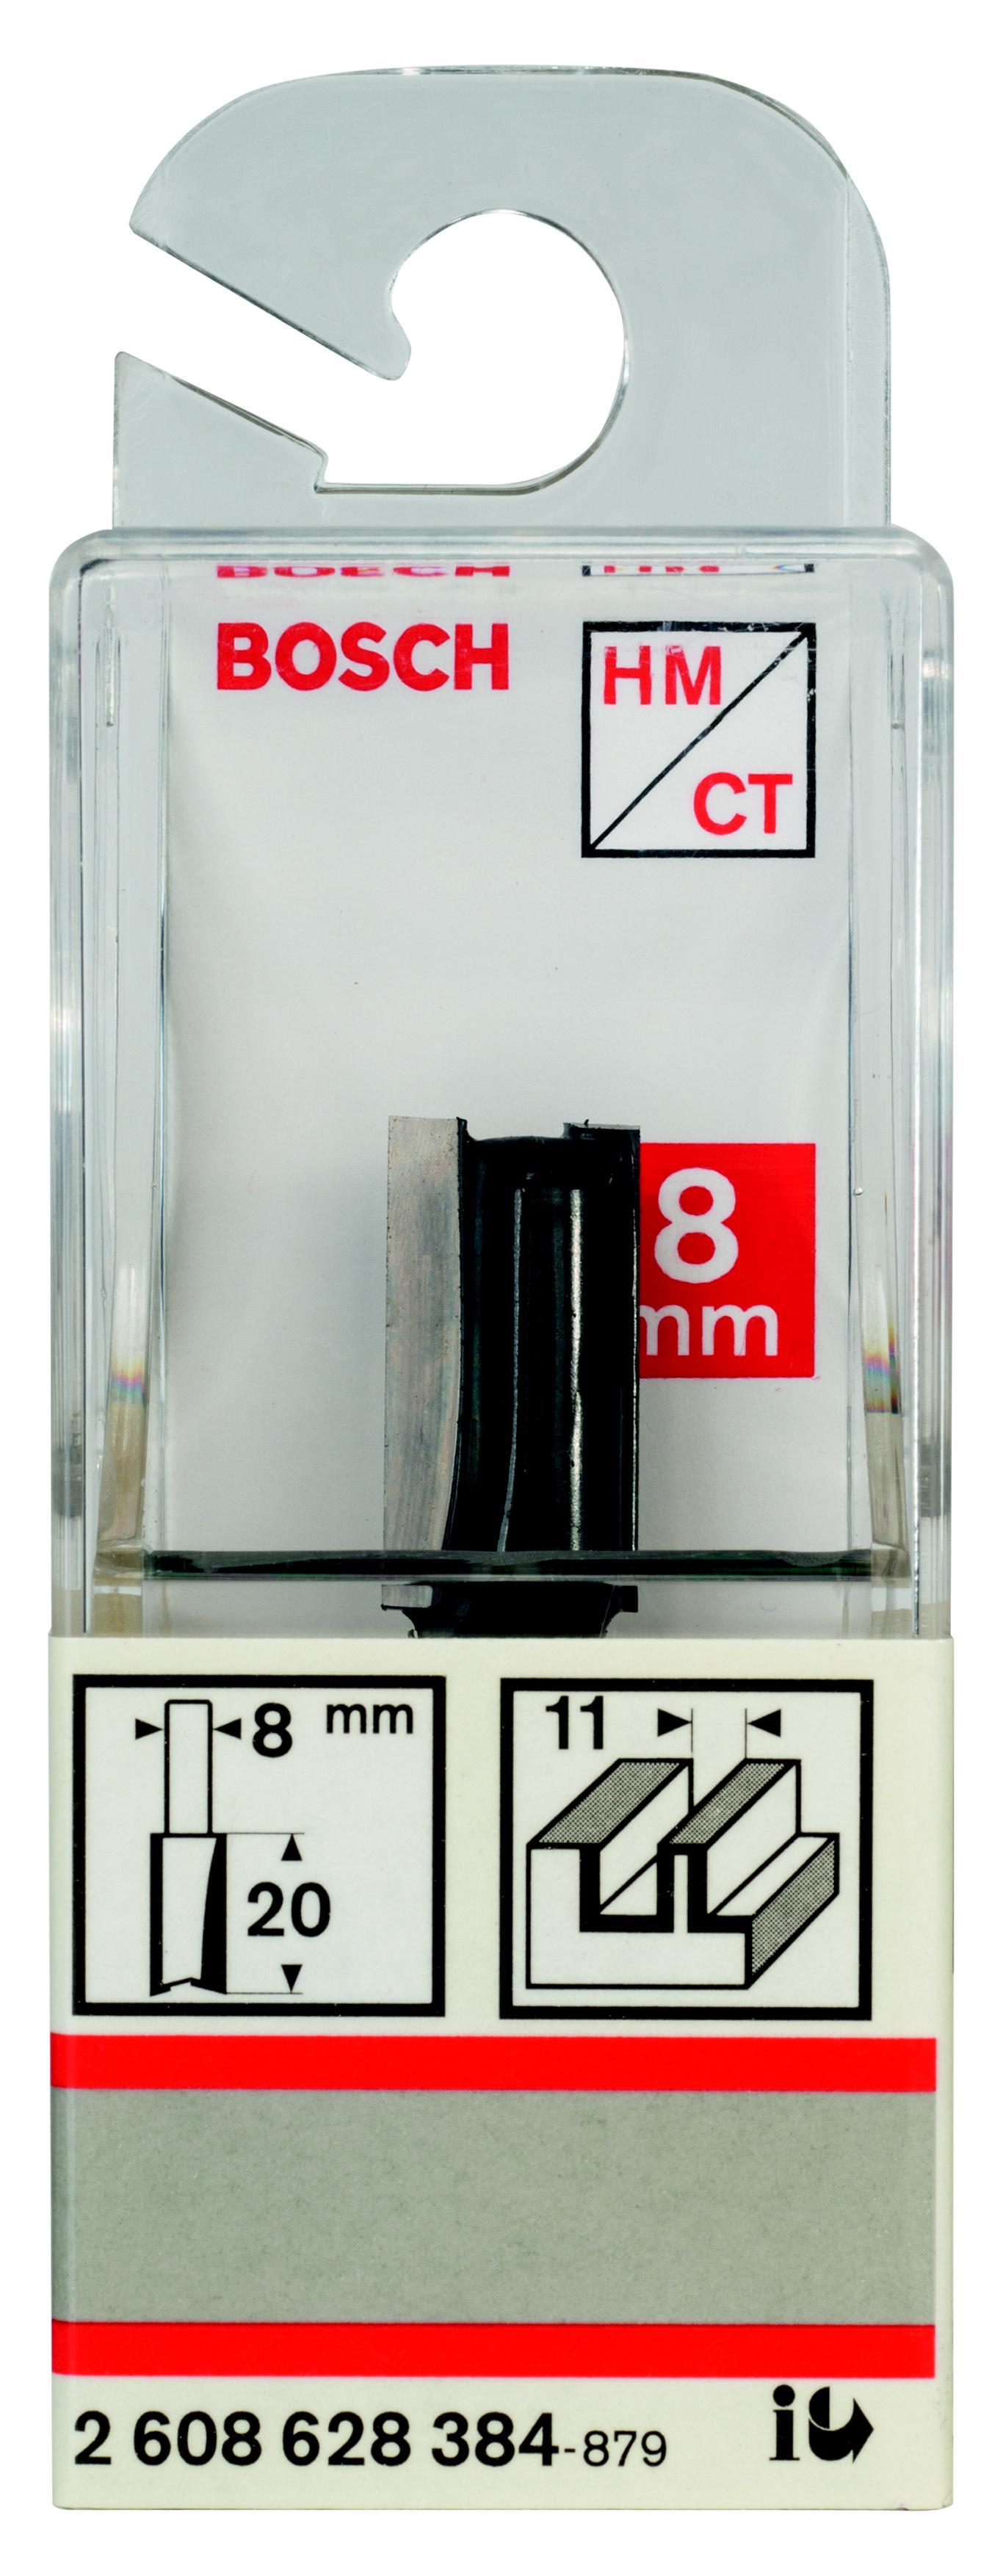 все цены на Фреза Bosch пазовая 11/20/8 (2.608.628.384)